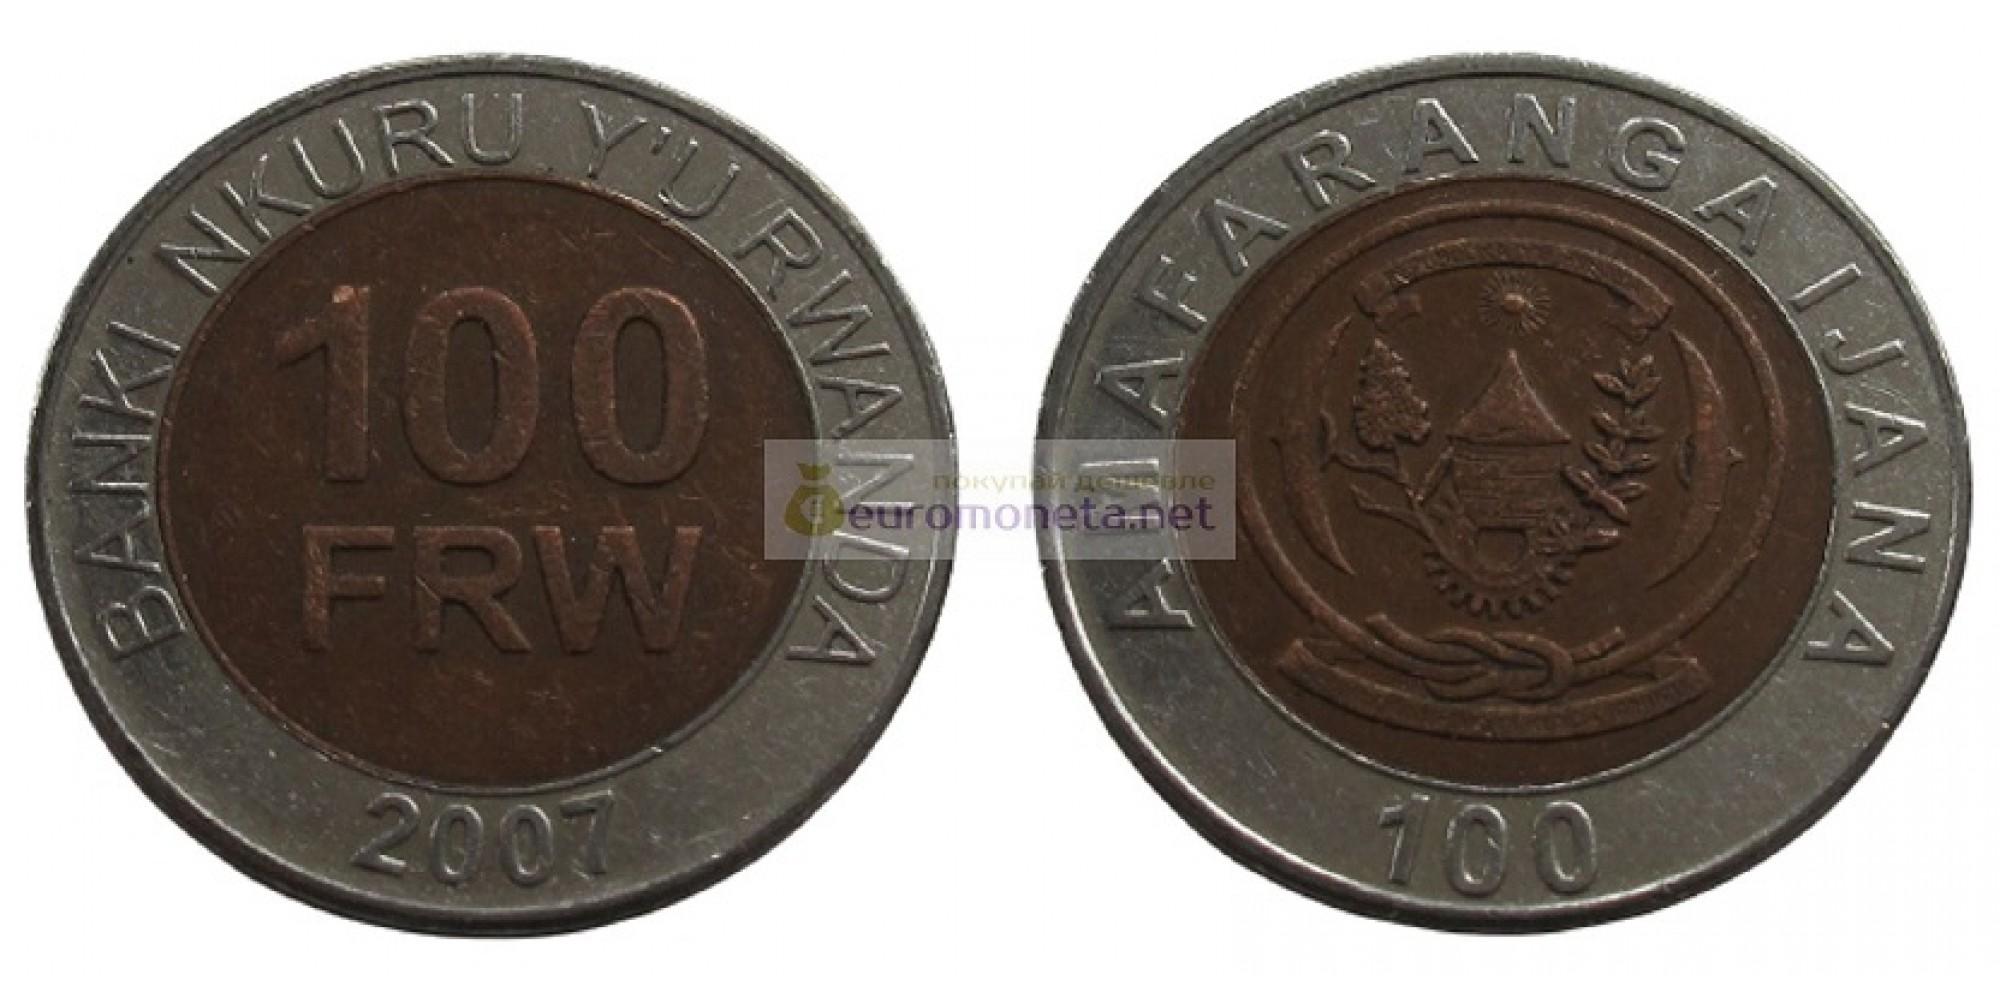 Руанда 100 франков, 2007 год. биметалл